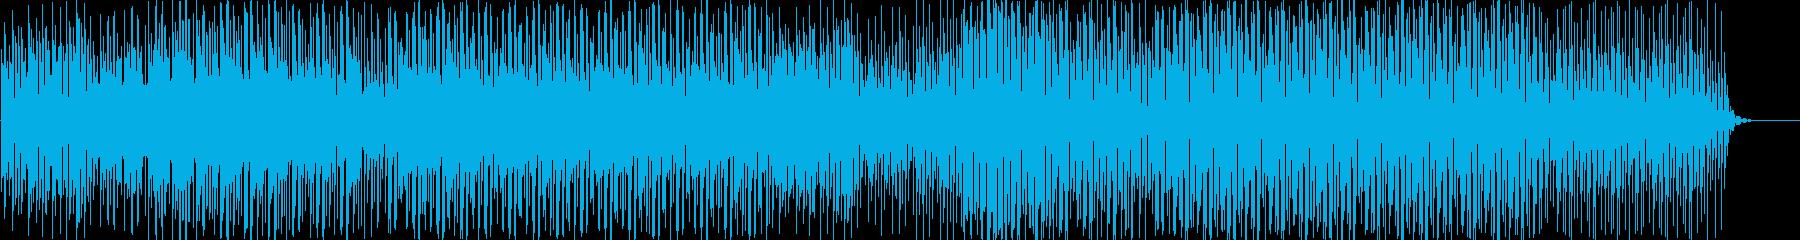 企業VP、CM、クールで軽快な透明感cの再生済みの波形